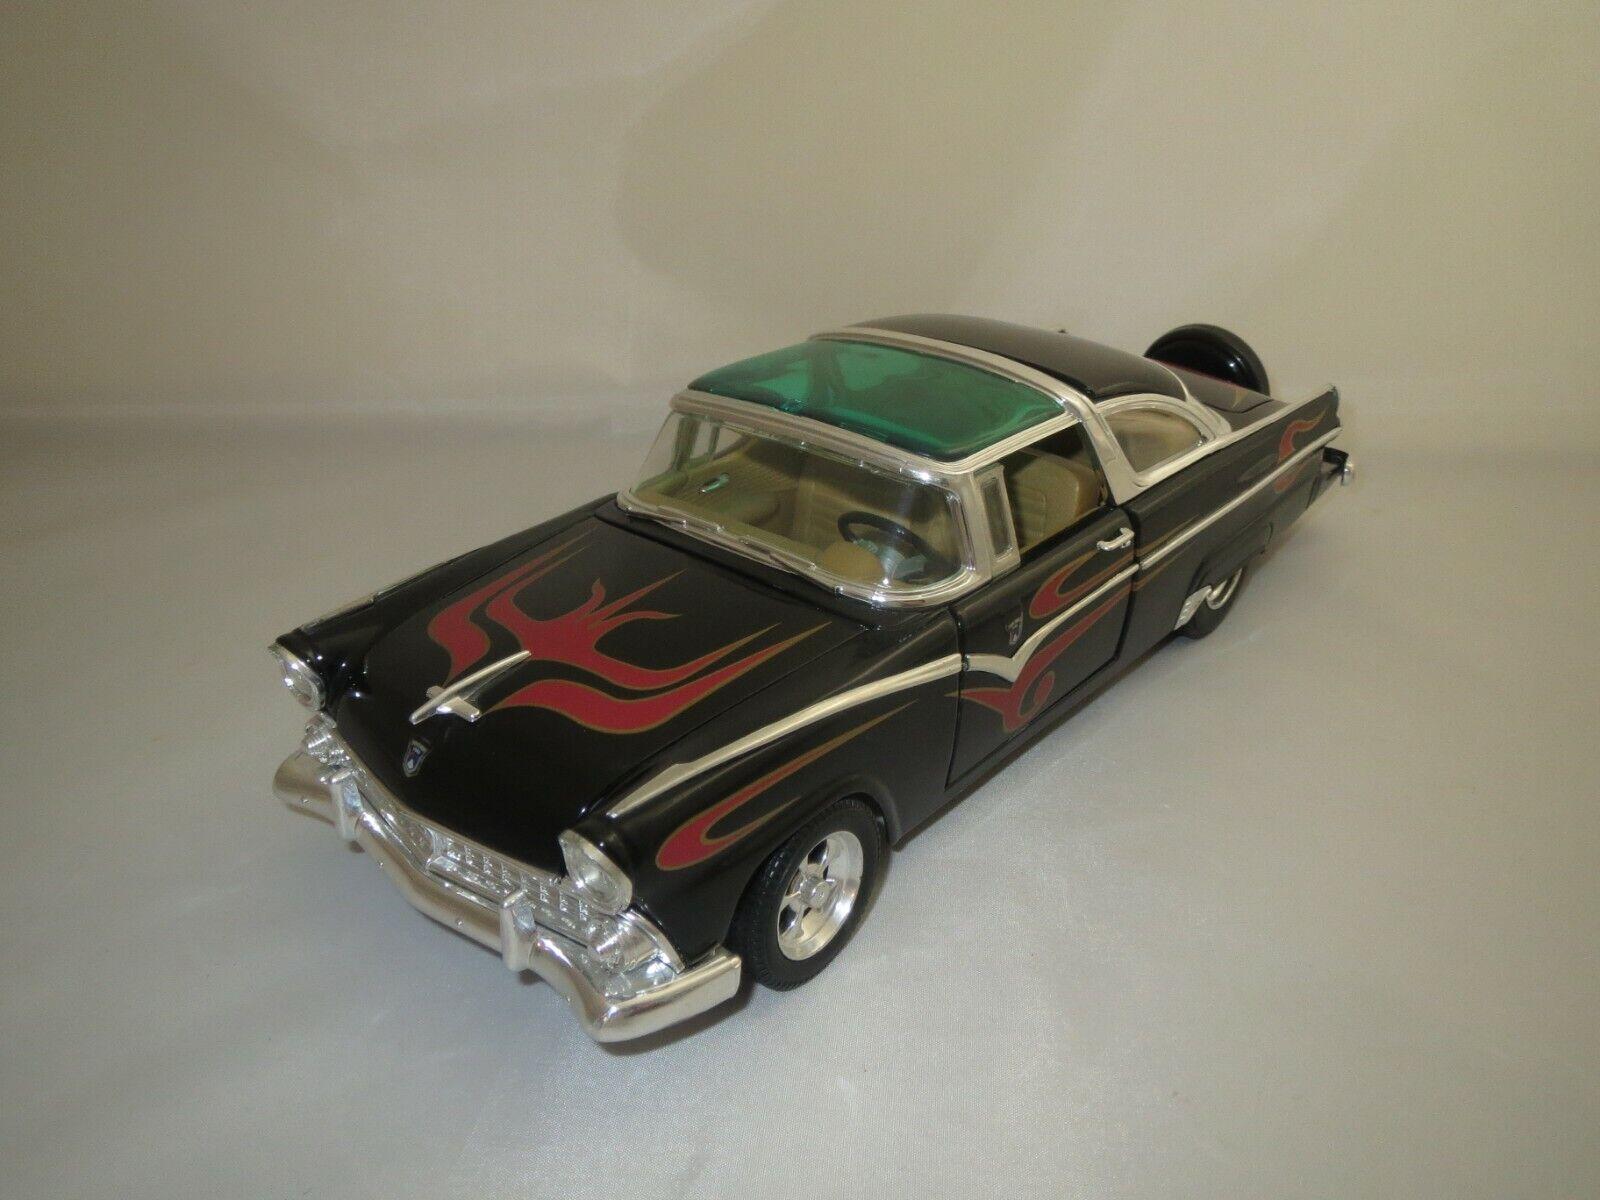 migliore vendita strada Legends FORD FAIRLANE CROWN VICTORIA  1955    1 18 senza imbtuttiaggio   a buon mercato